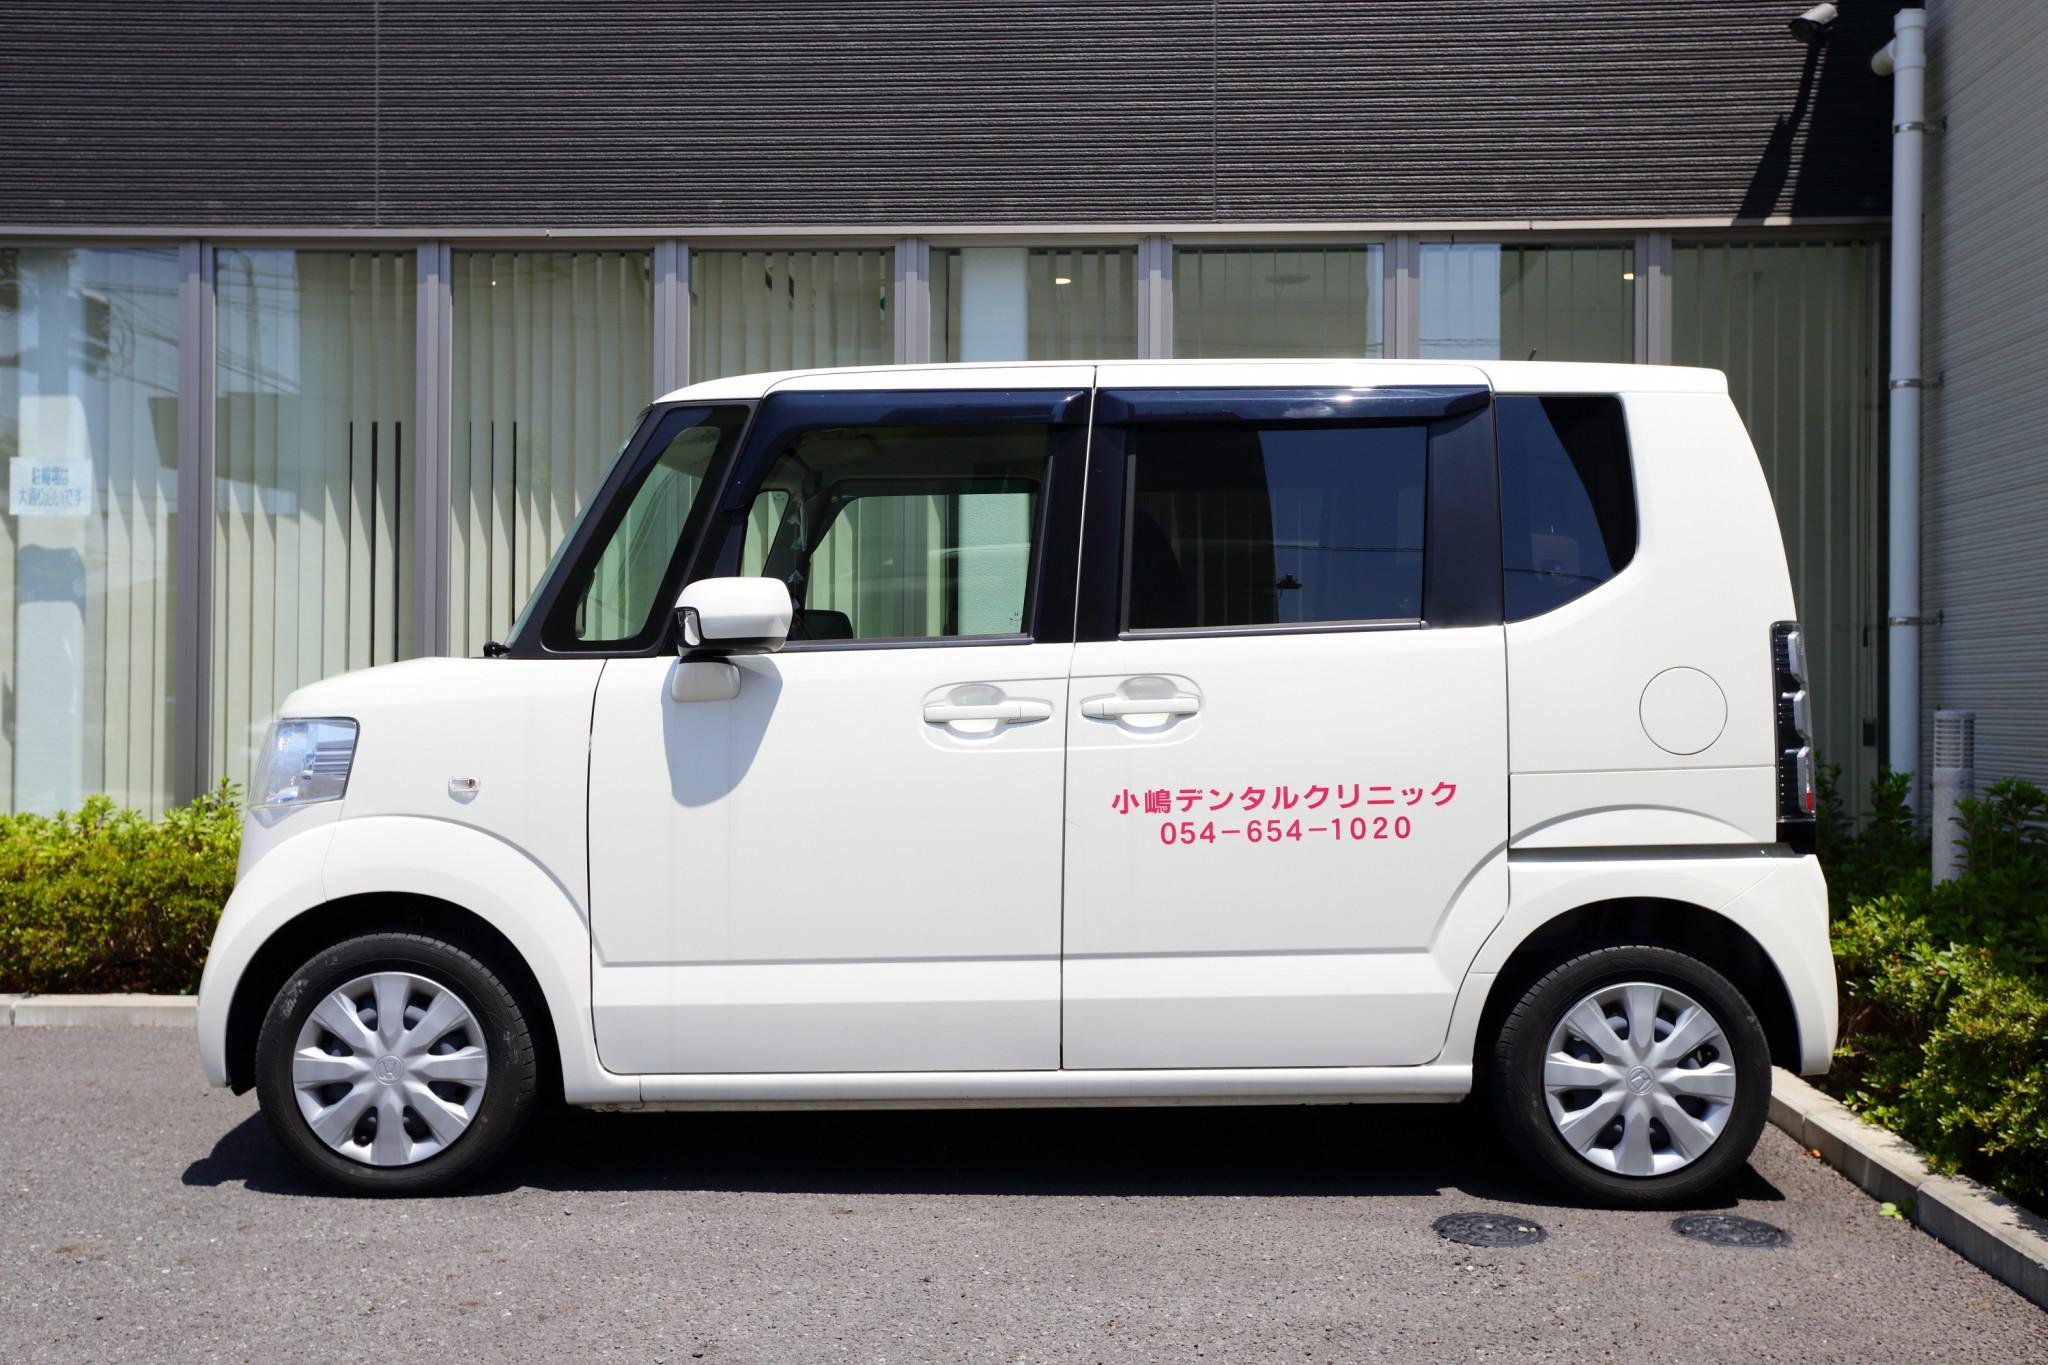 静岡市の小嶋デンタルクリニックの訪問歯科 訪問車両